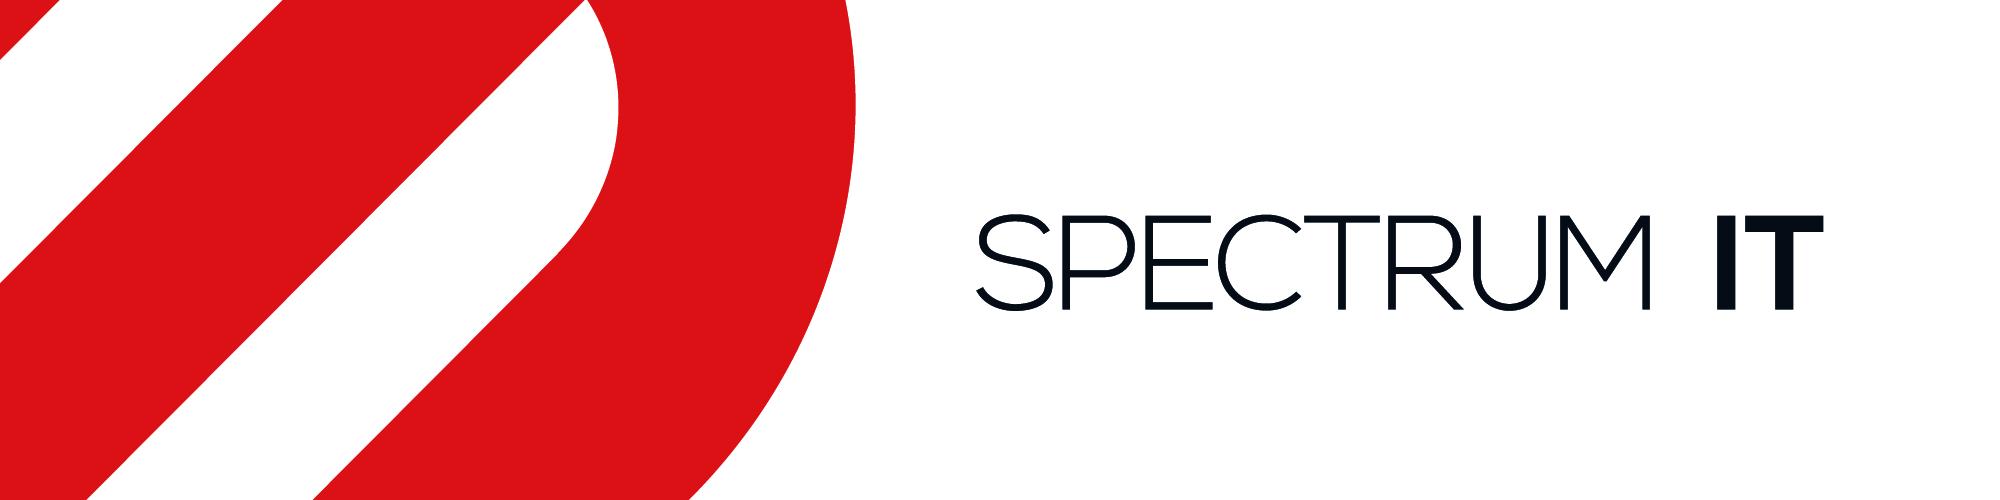 Spectrum IT Company